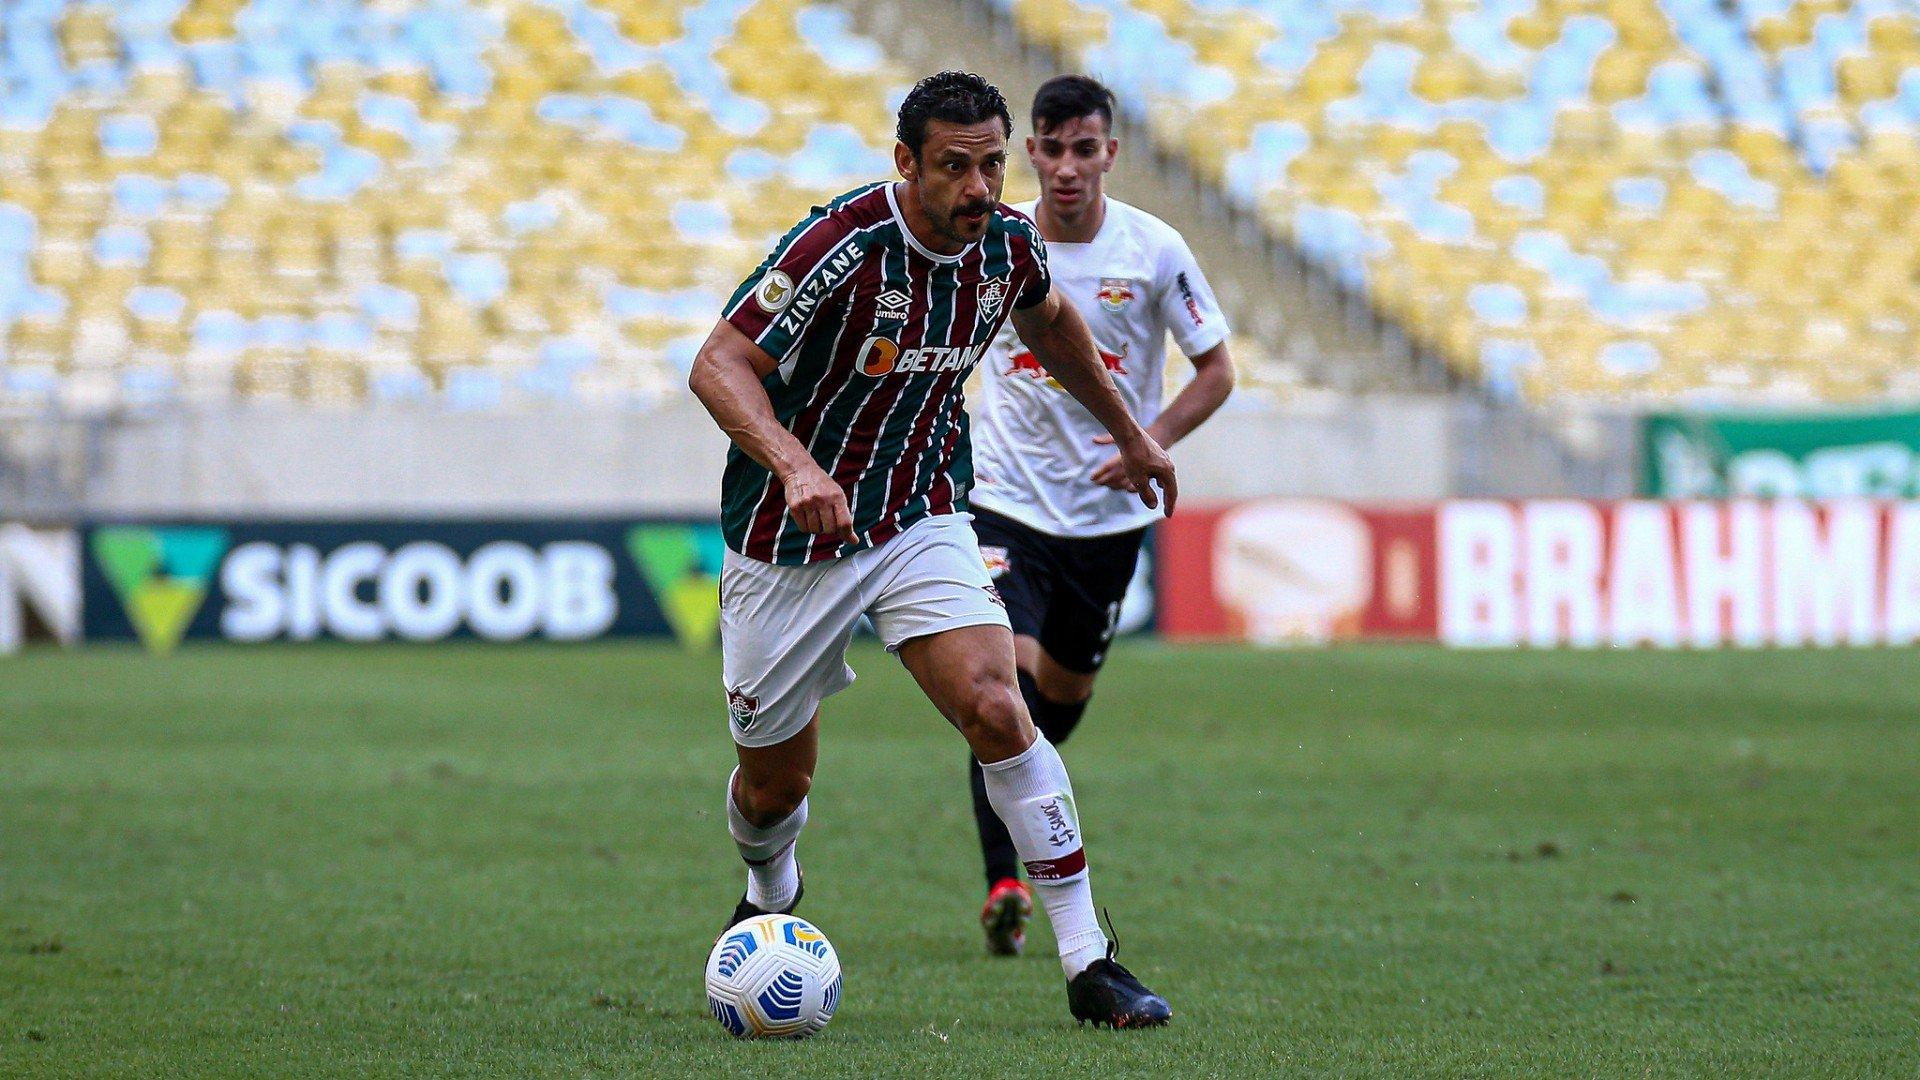 Fred supera Romário como segundo maior artilheiro do Brasileiro